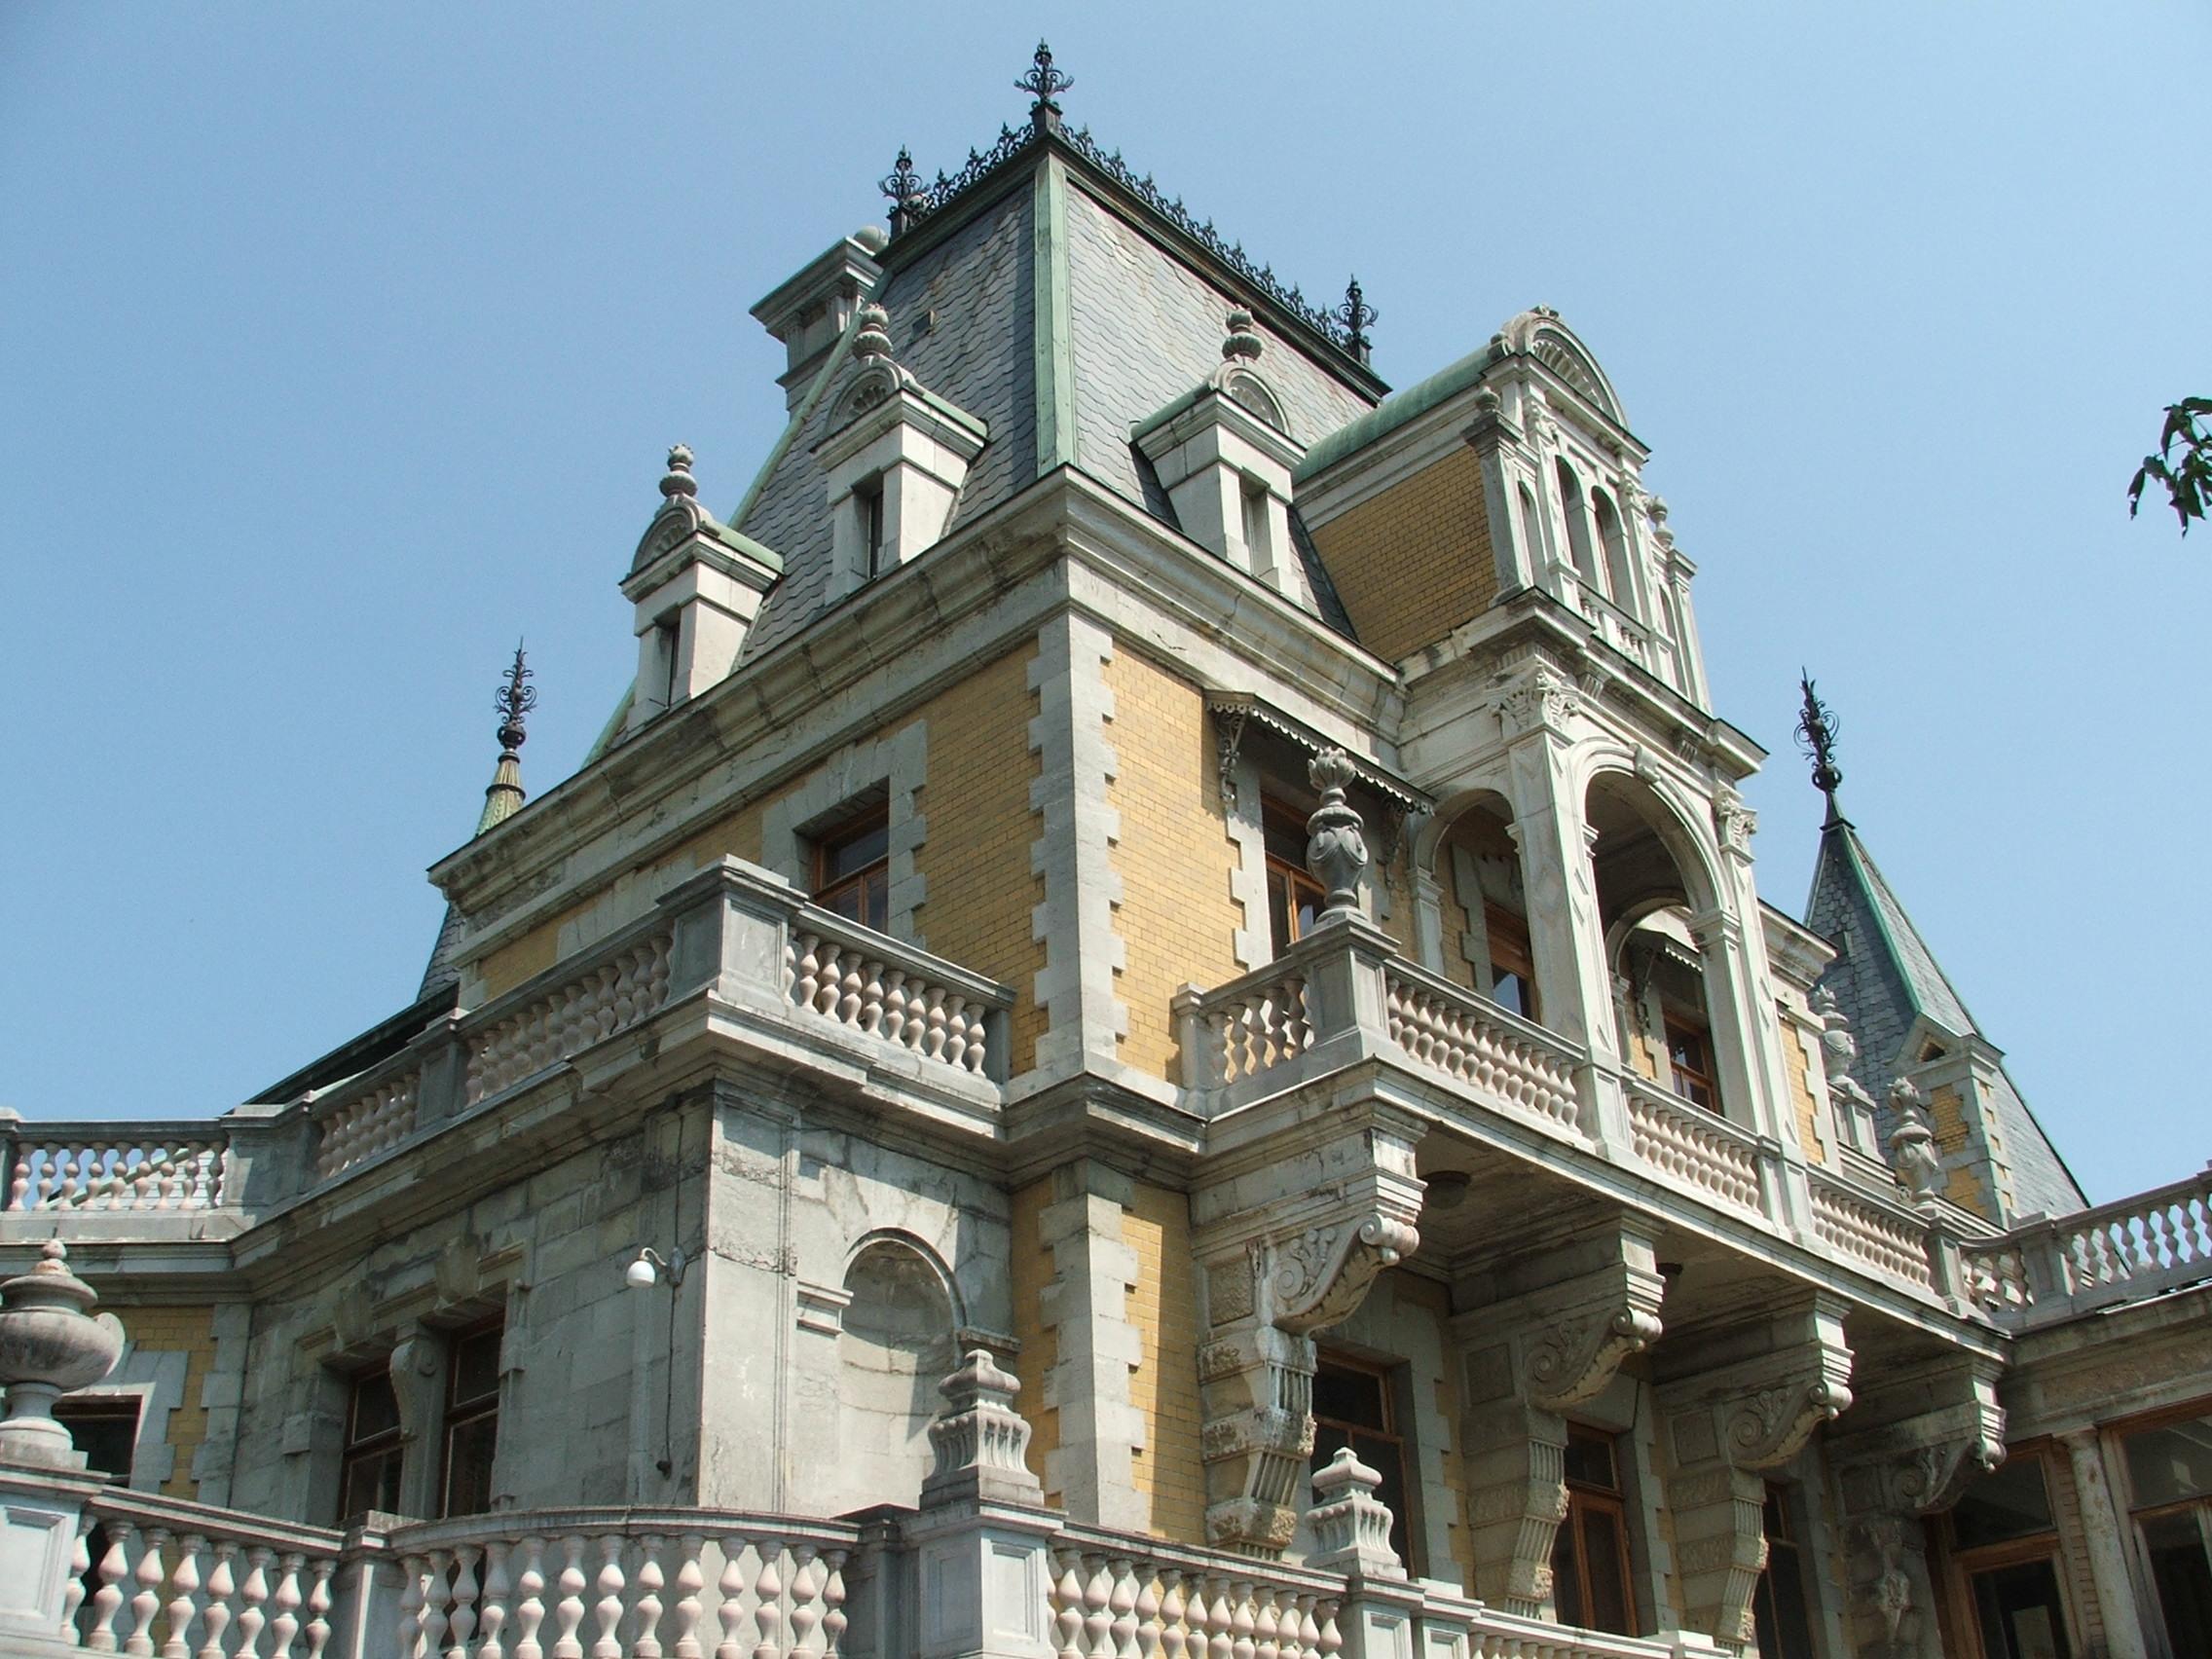 Эффектный вид на фасад Массандровского дворца